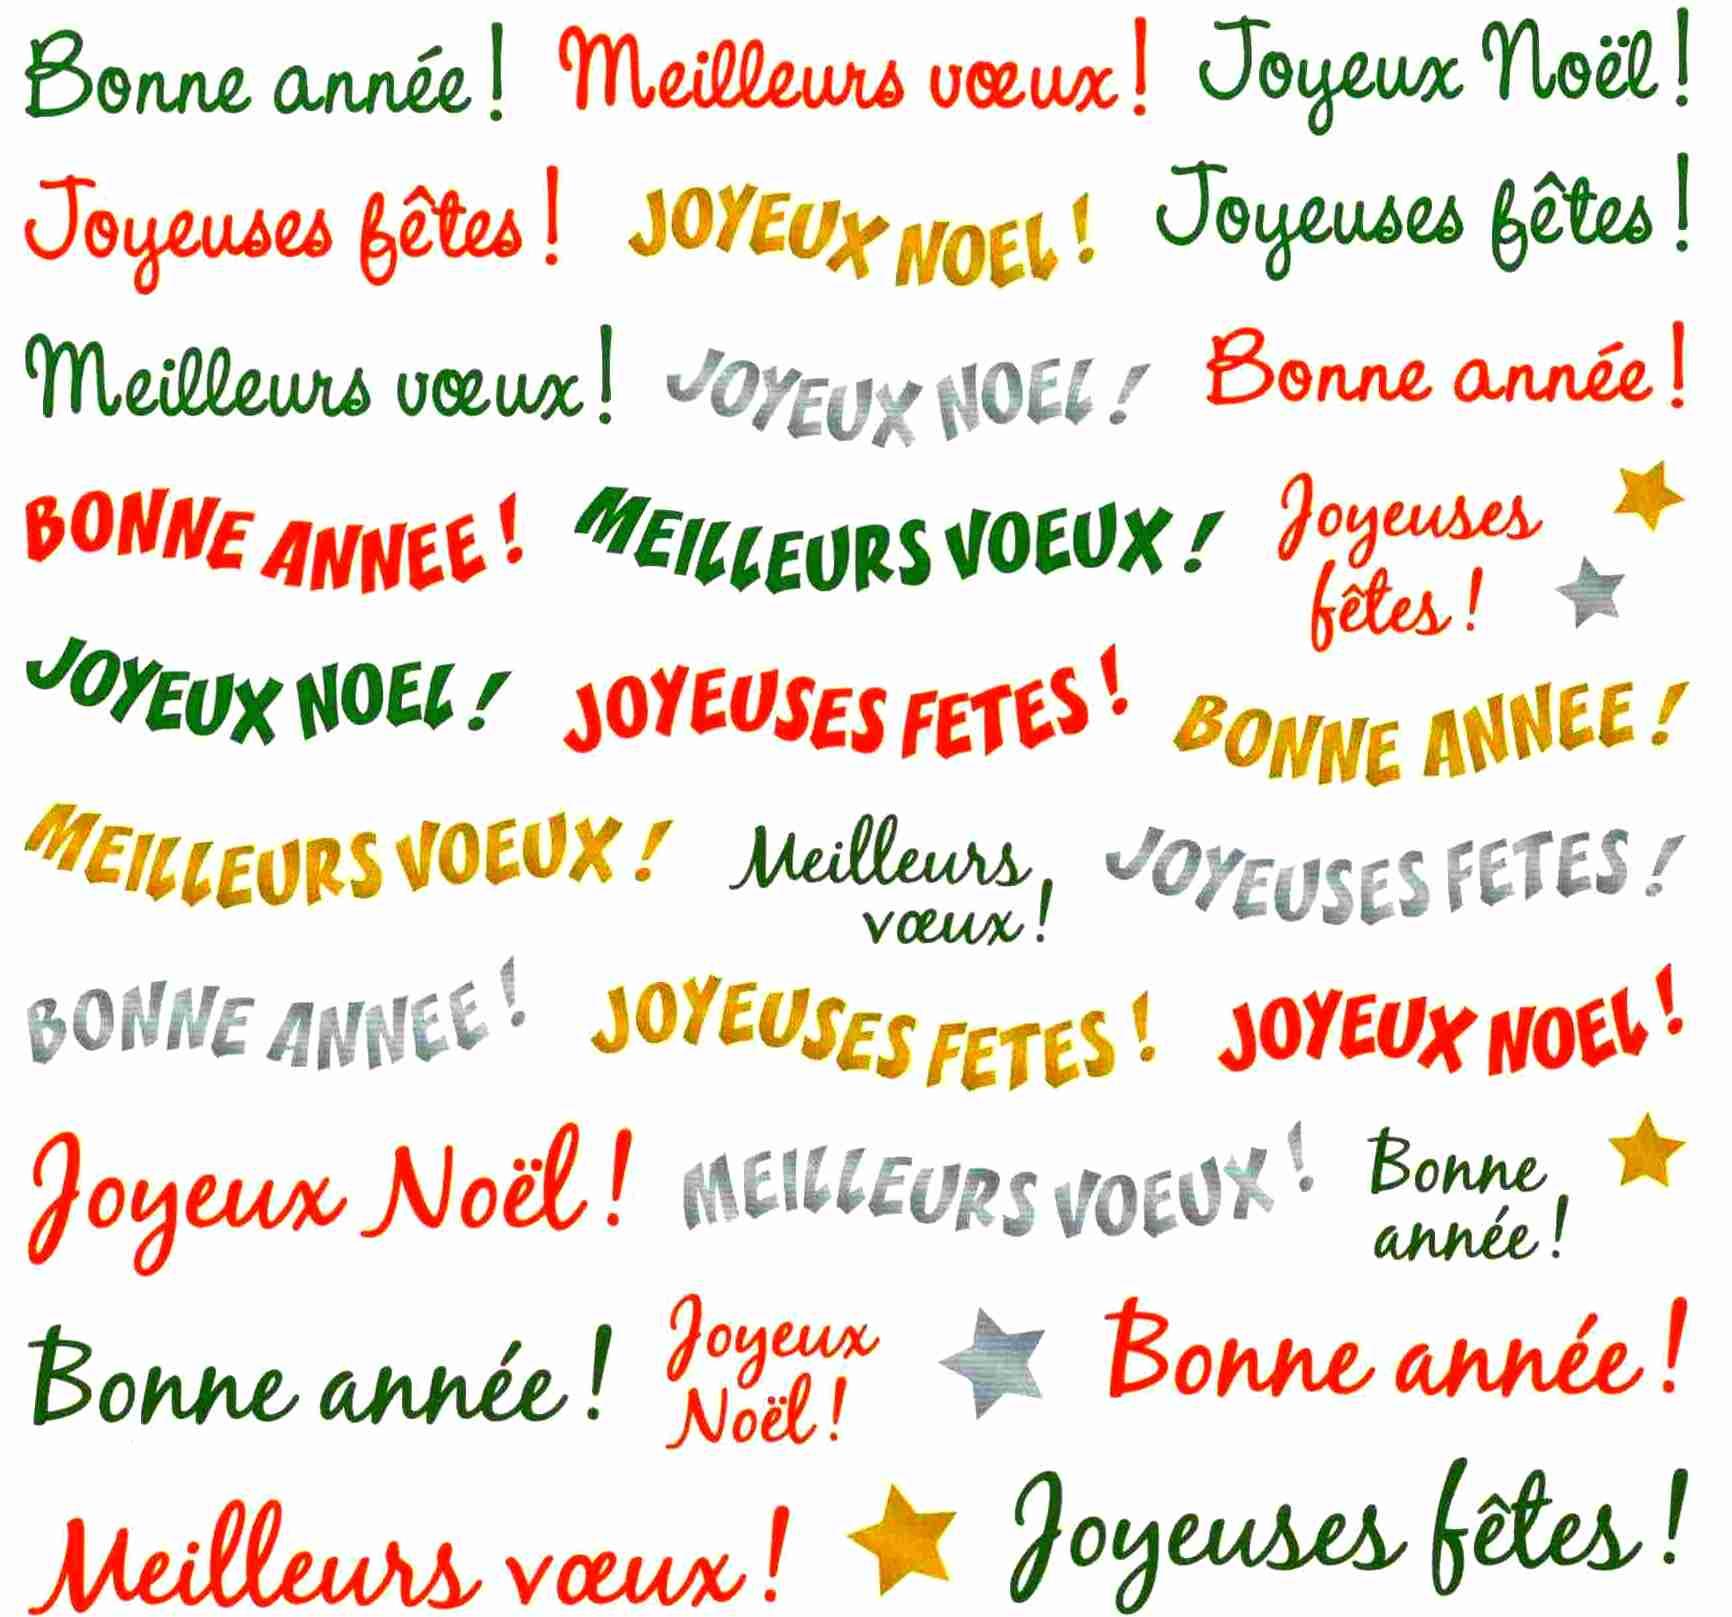 Photos De Joyeux Noel Et Bonne Annee.60 Gommettes Texte Noel Voeux Bonne Annee